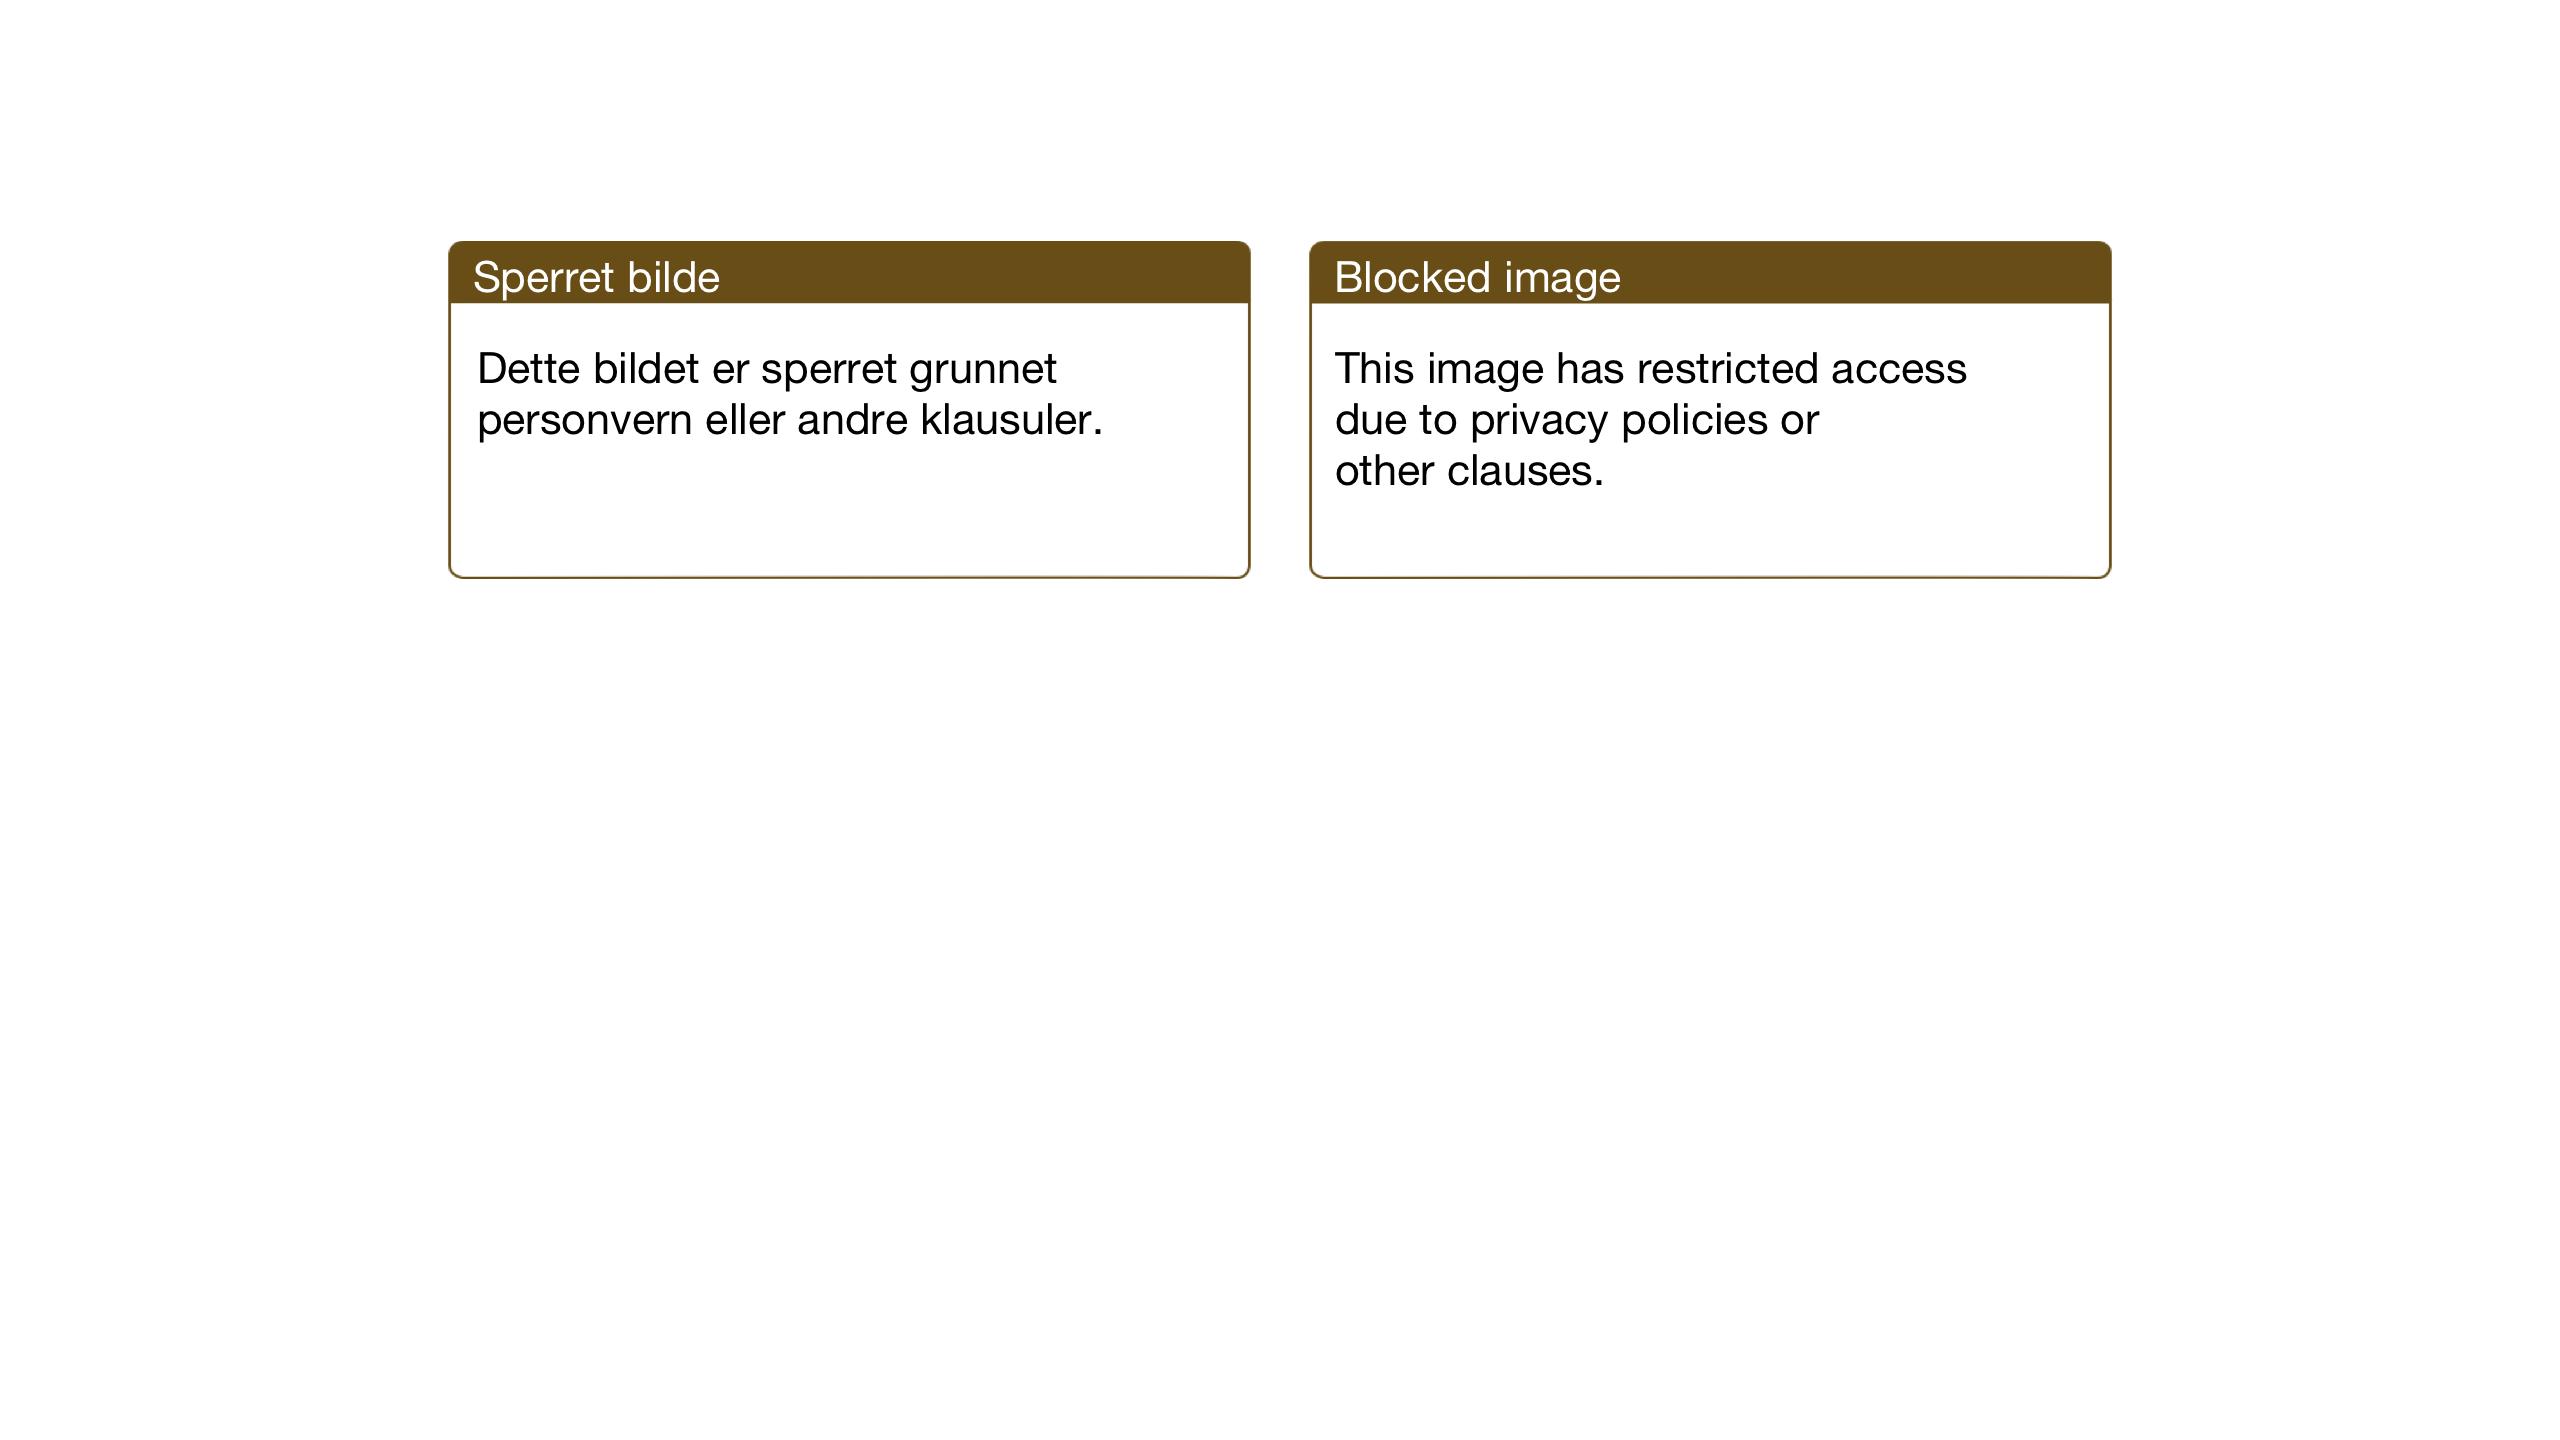 SAT, Ministerialprotokoller, klokkerbøker og fødselsregistre - Nord-Trøndelag, 755/L0500: Klokkerbok nr. 755C01, 1920-1962, s. 103